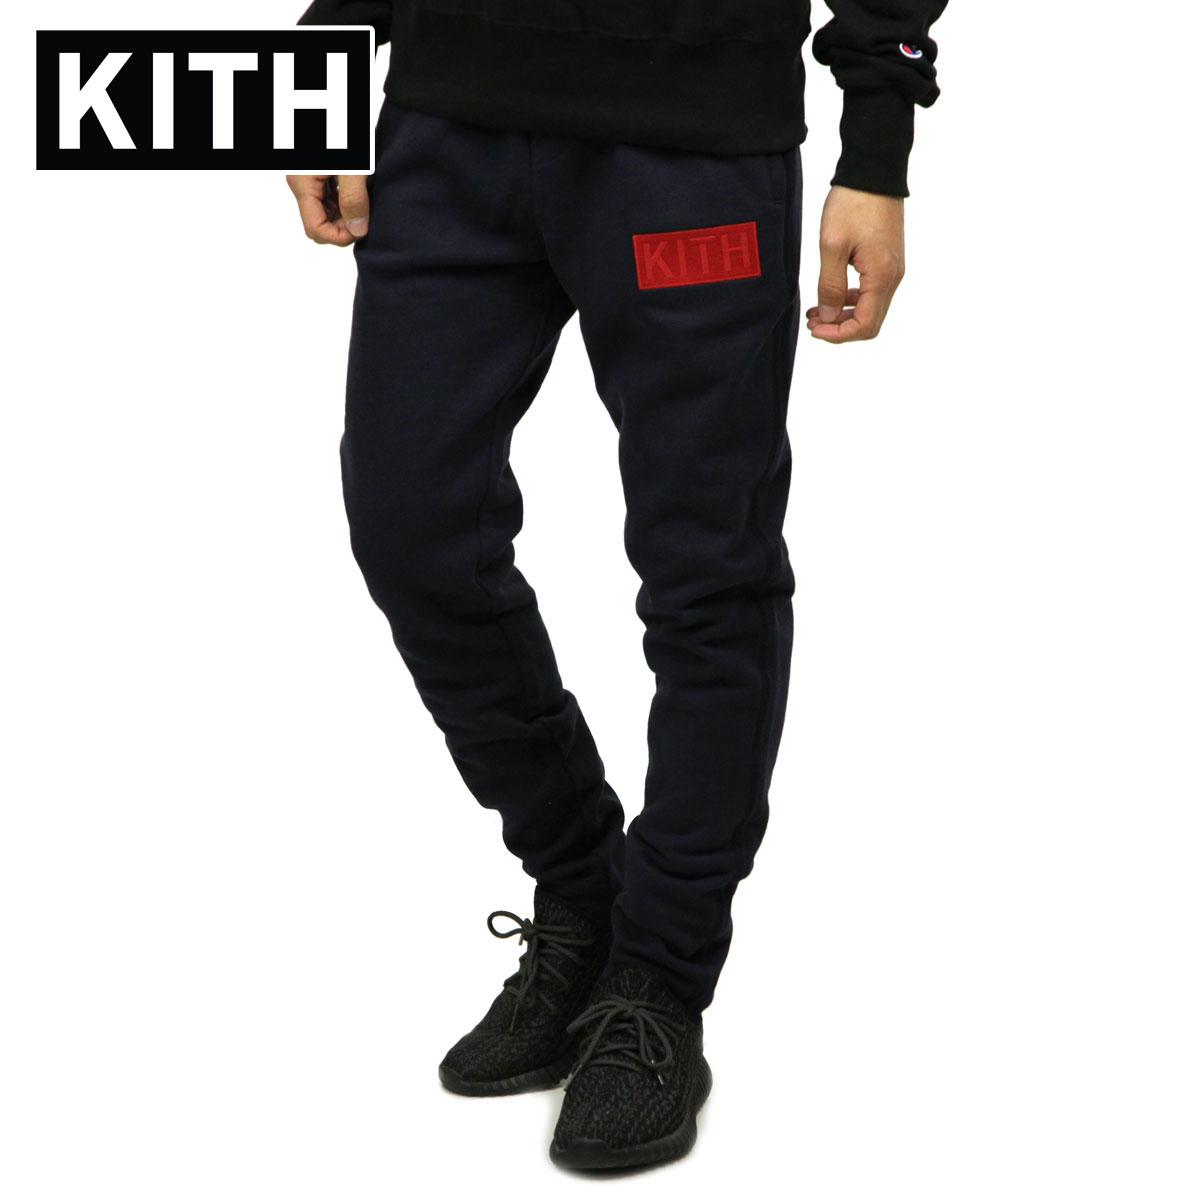 キス KITH 正規品 メンズ スウェットパンツ KITH WILLIAMS II SWEATPANT KH6160-102 NAVY